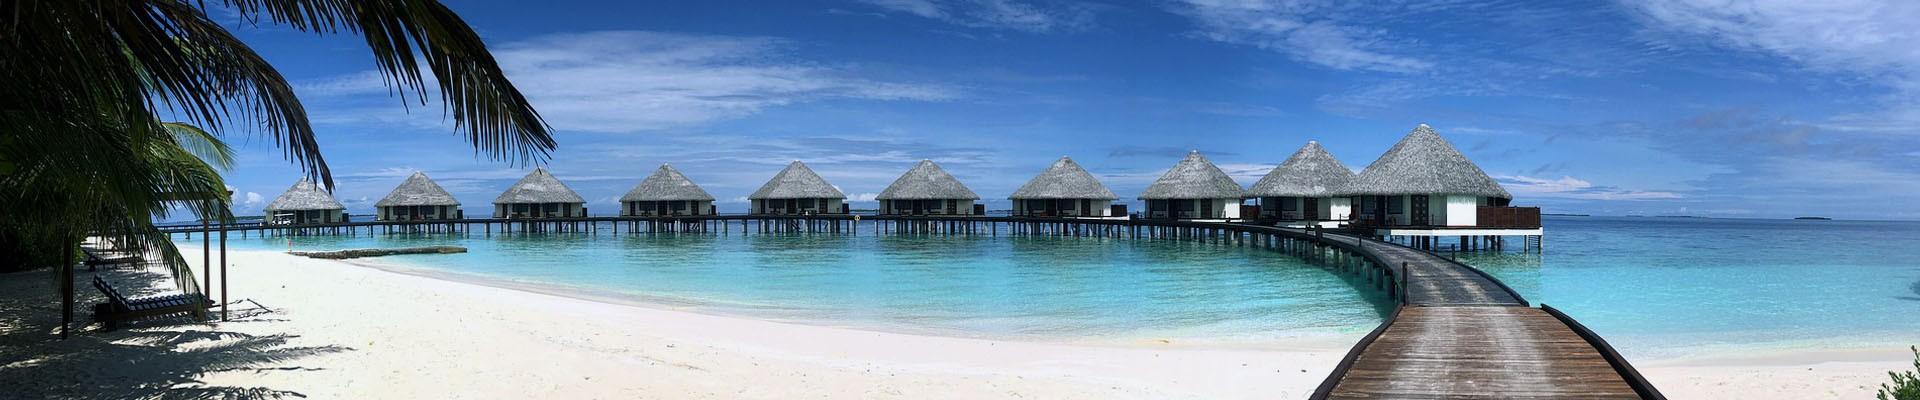 Bröllopsresan till Mauritius